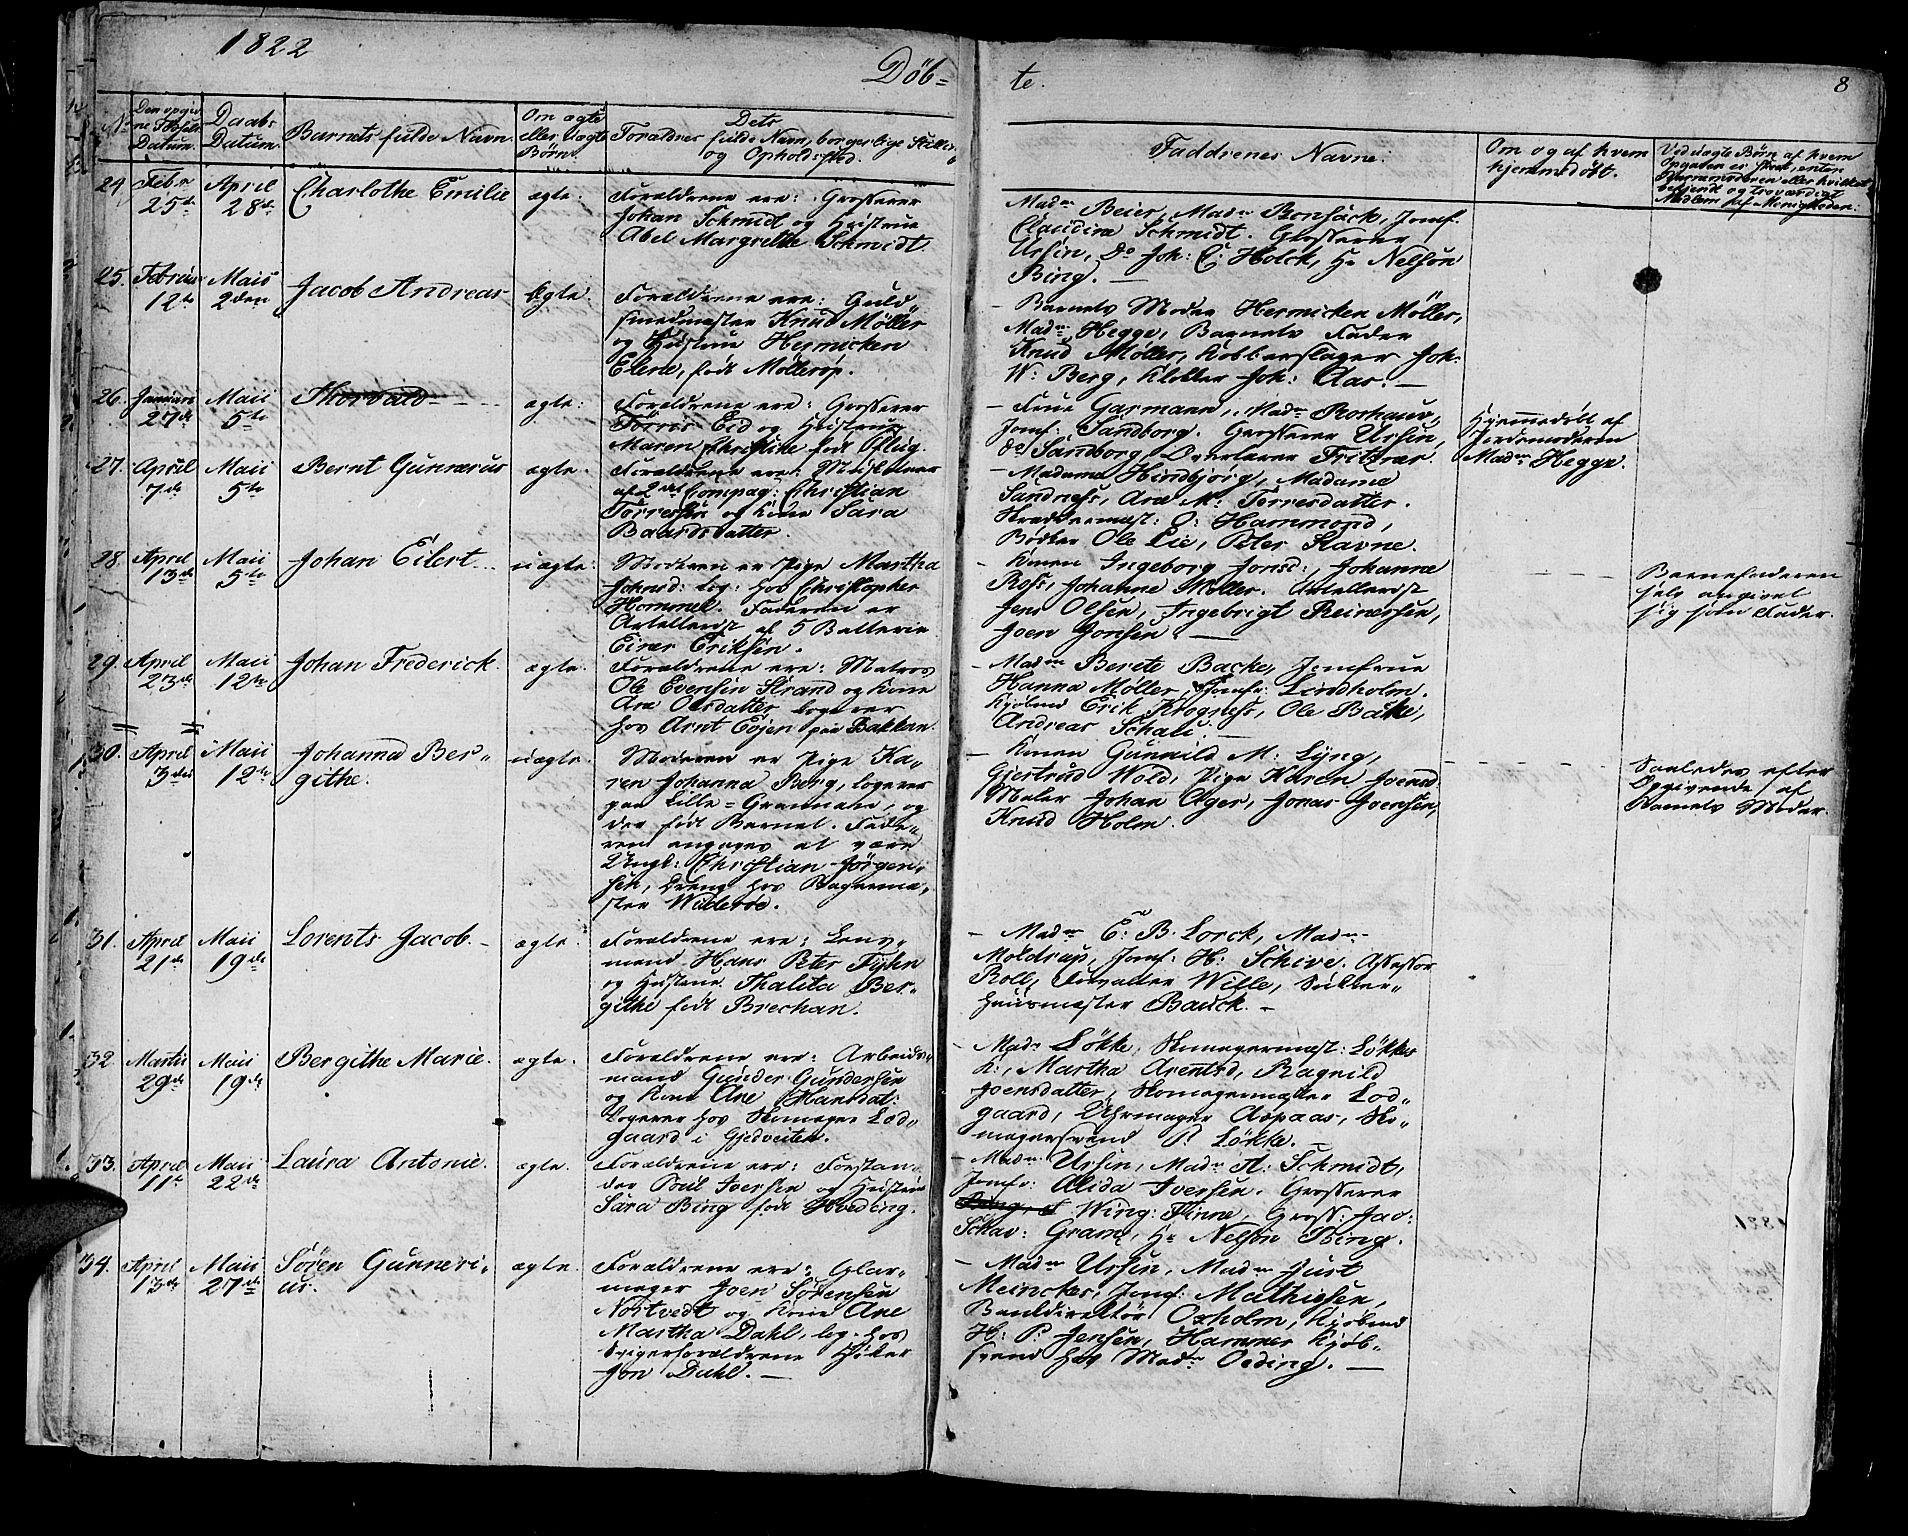 SAT, Ministerialprotokoller, klokkerbøker og fødselsregistre - Sør-Trøndelag, 602/L0108: Ministerialbok nr. 602A06, 1821-1839, s. 8